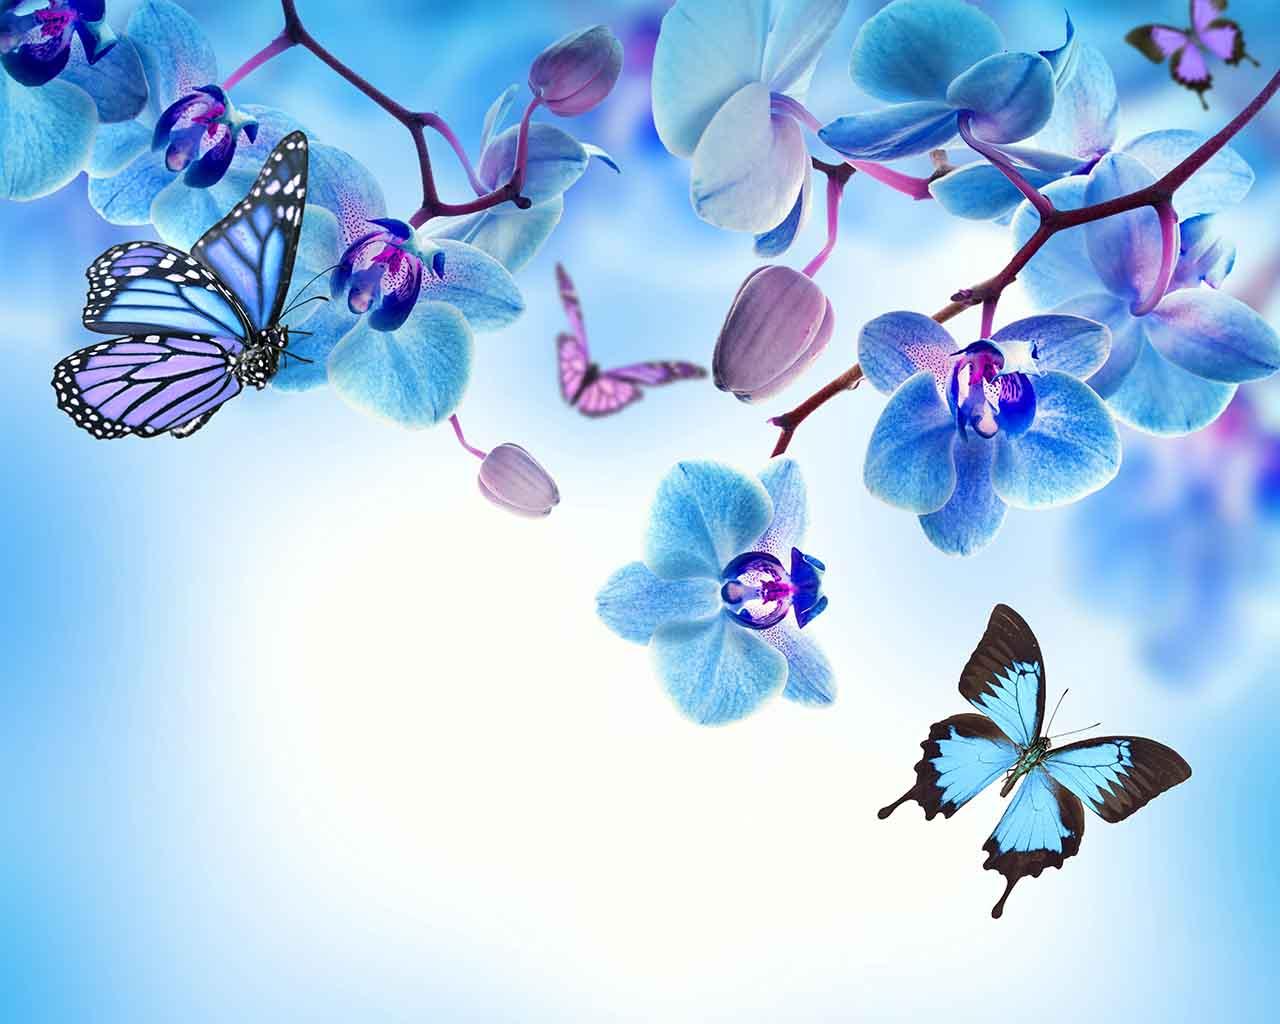 Постер на подрамнике Бабочки и голубые орхидеи